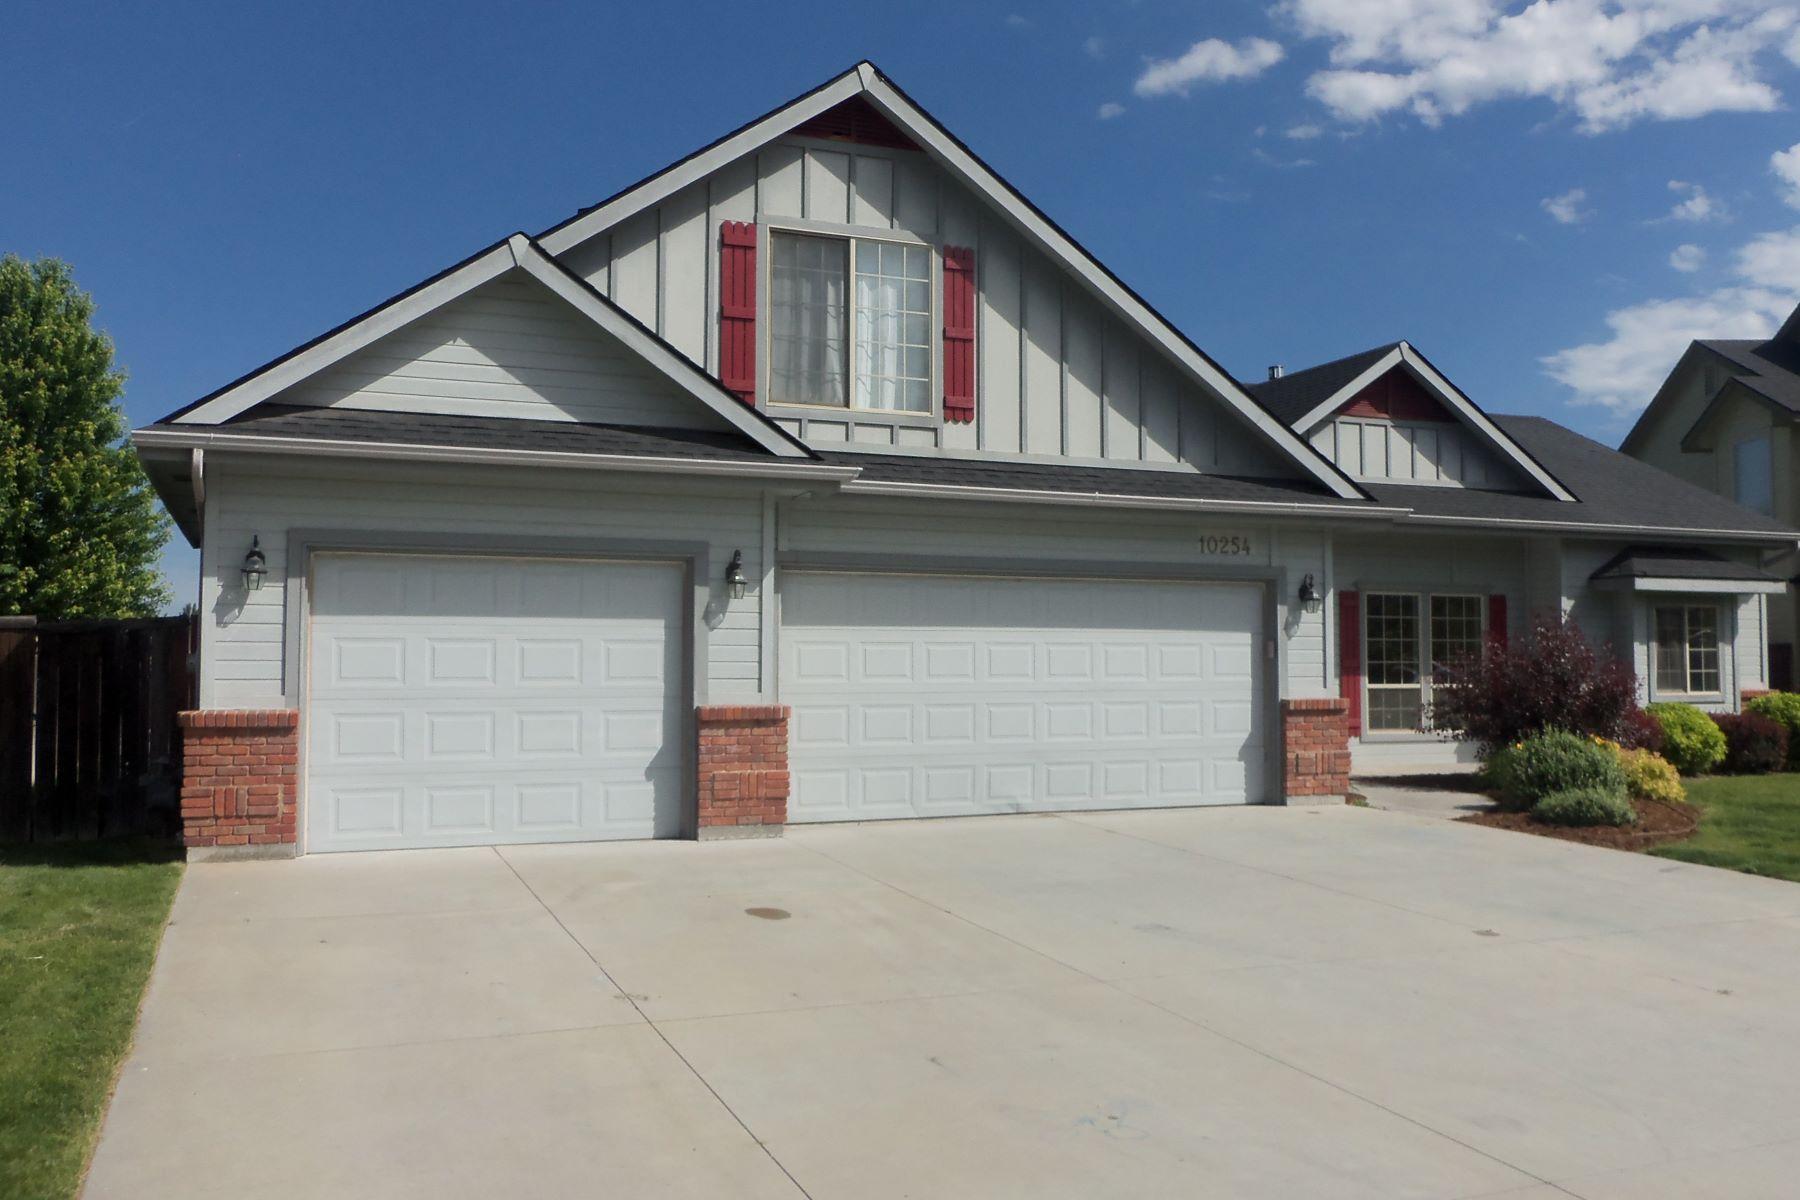 Casa Unifamiliar por un Venta en 10254 Altair Drive, Star 10254 W Altair Dr Star, Idaho, 83669 Estados Unidos